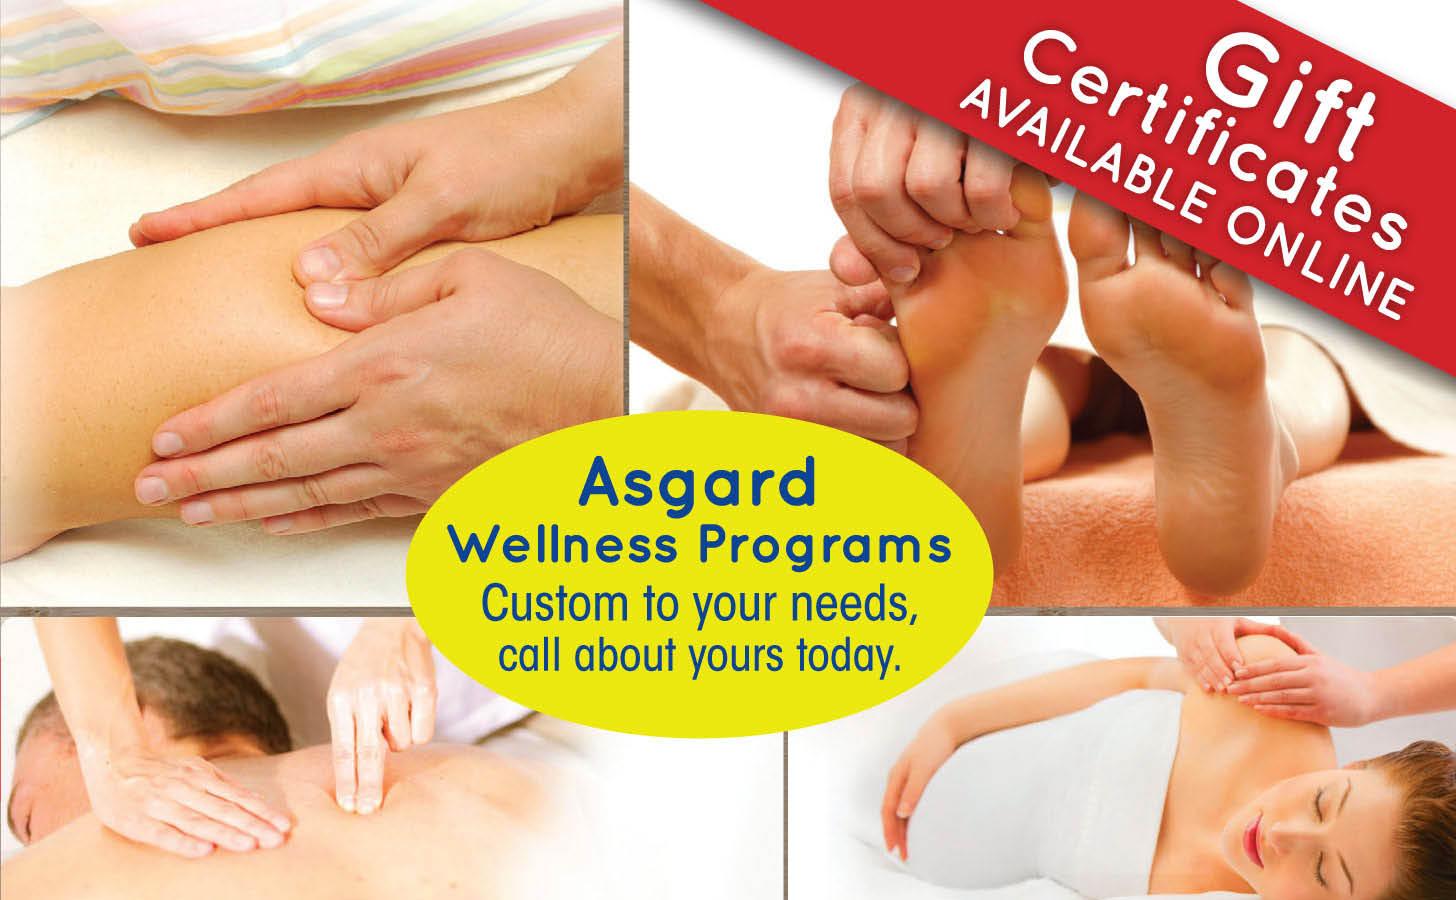 Asgard Massage offers Wellness Plans